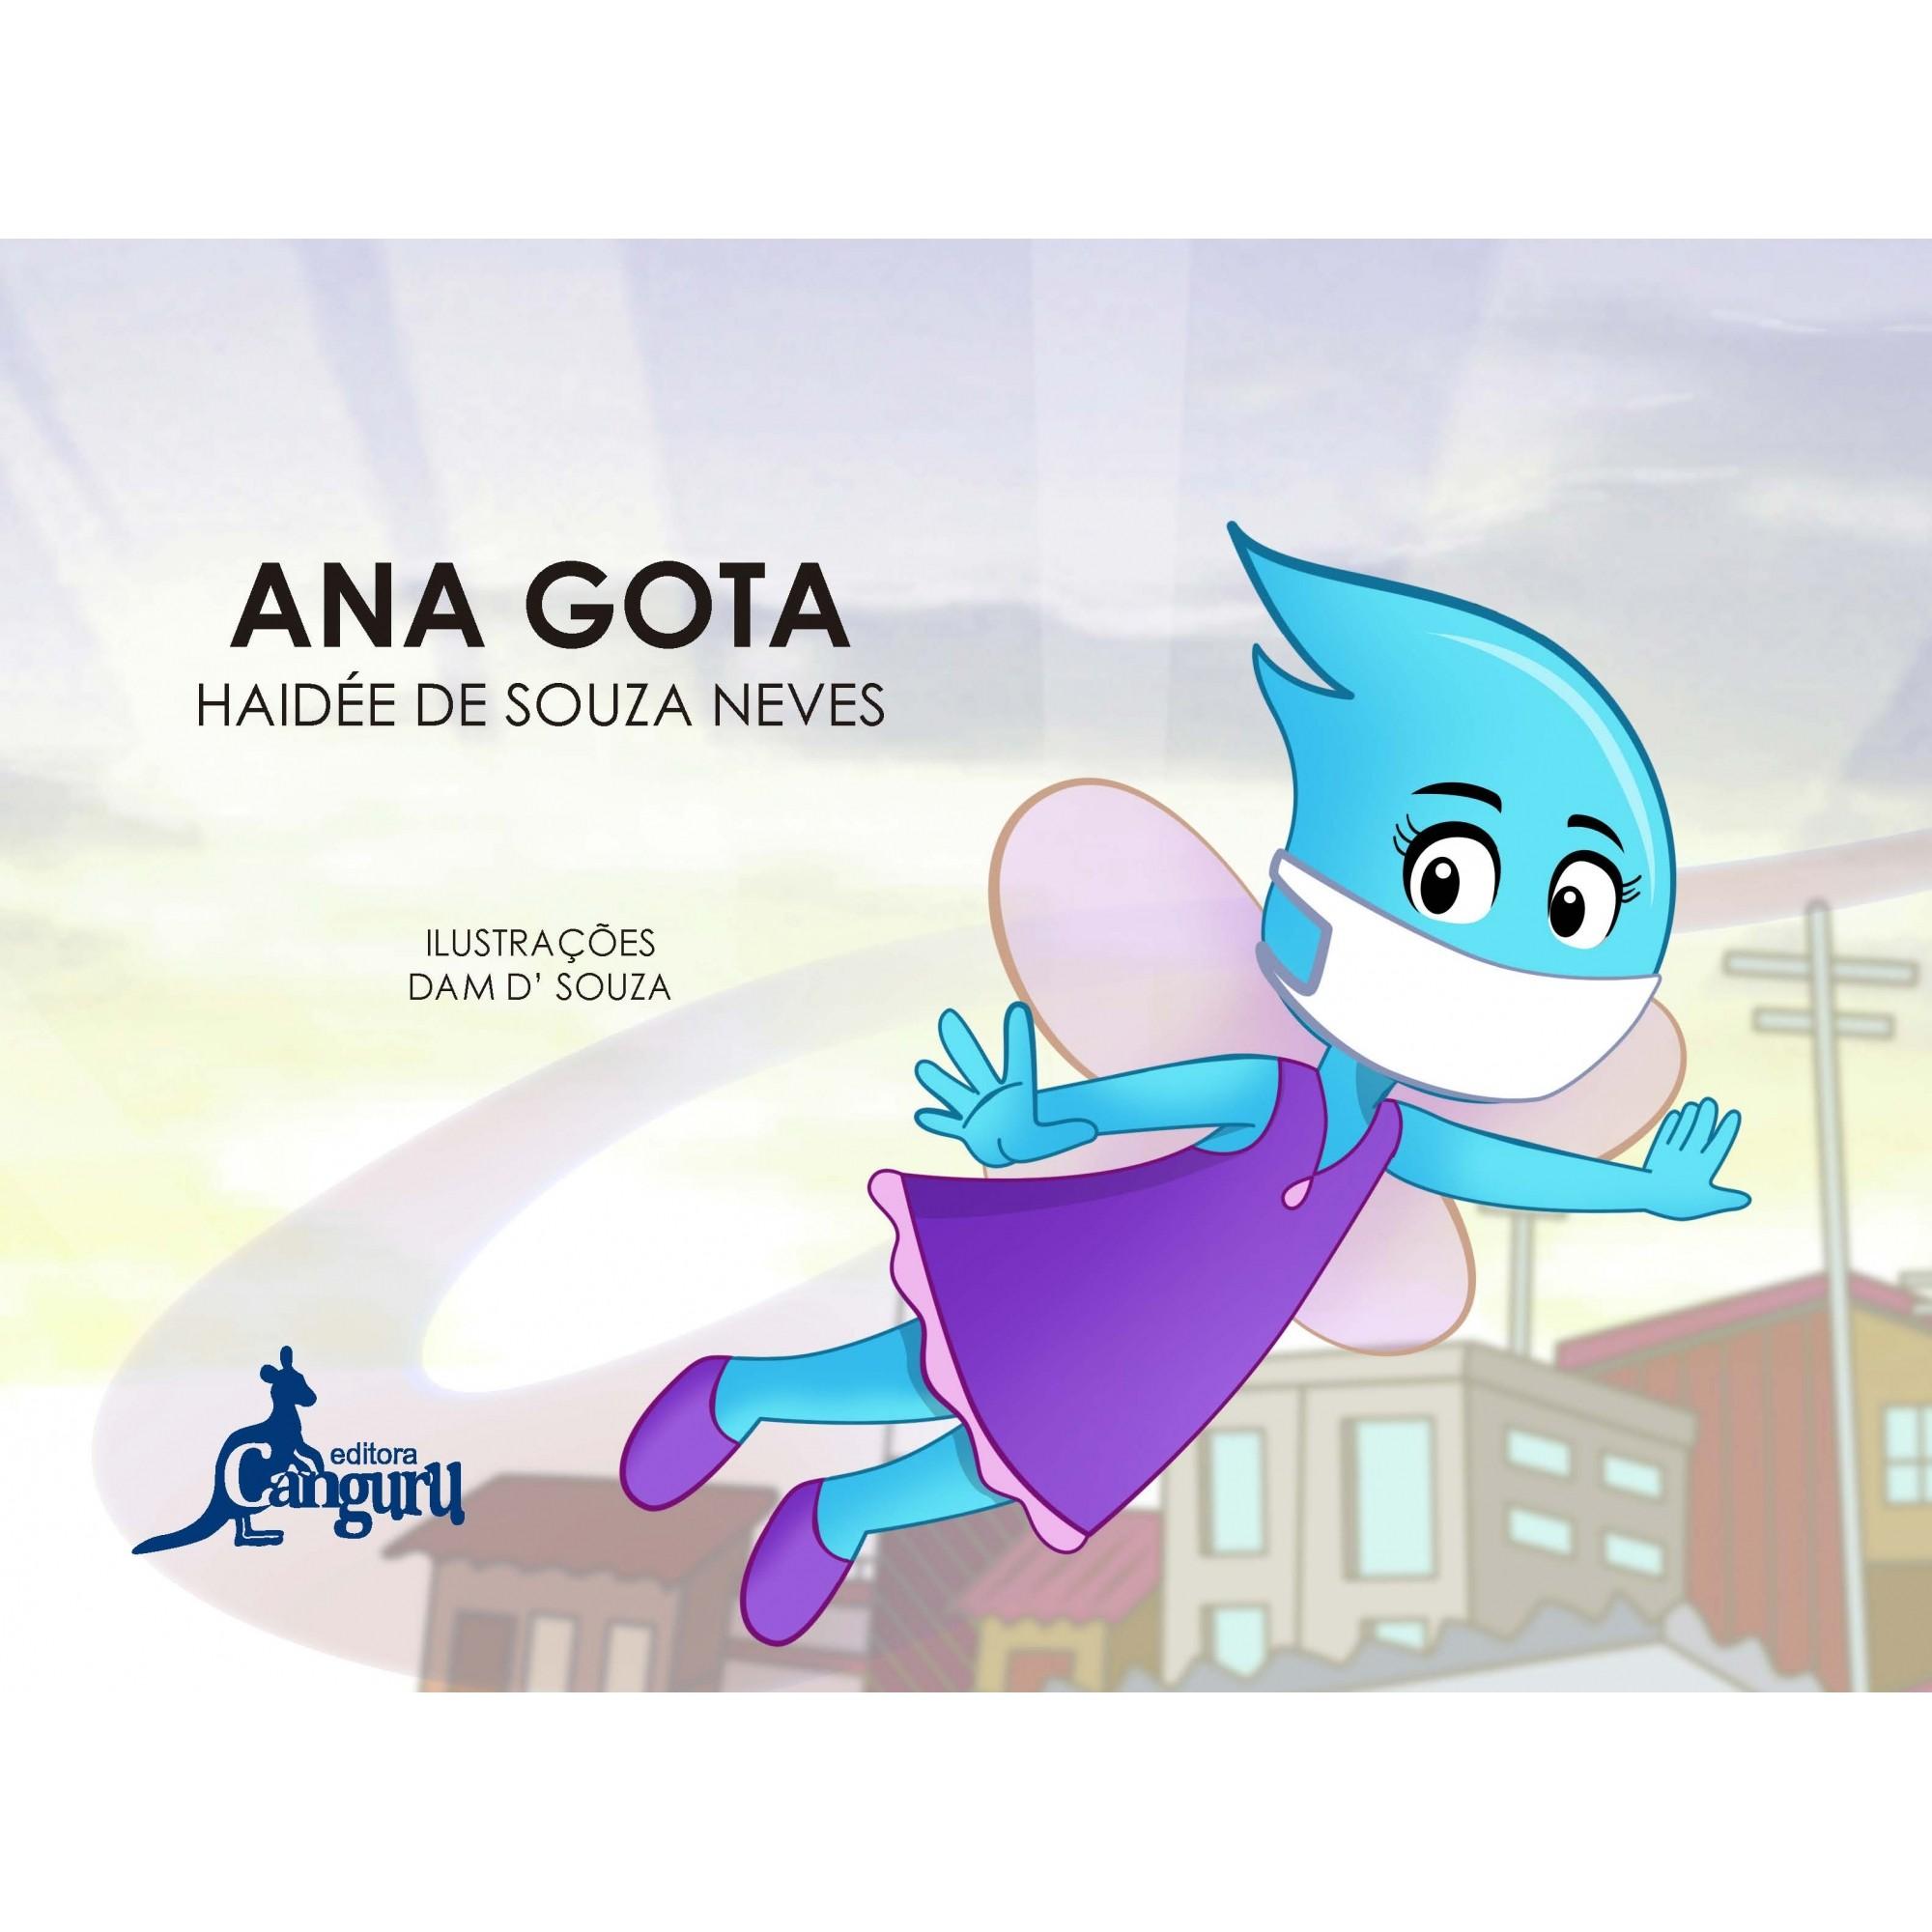 SMED - Ana Gota